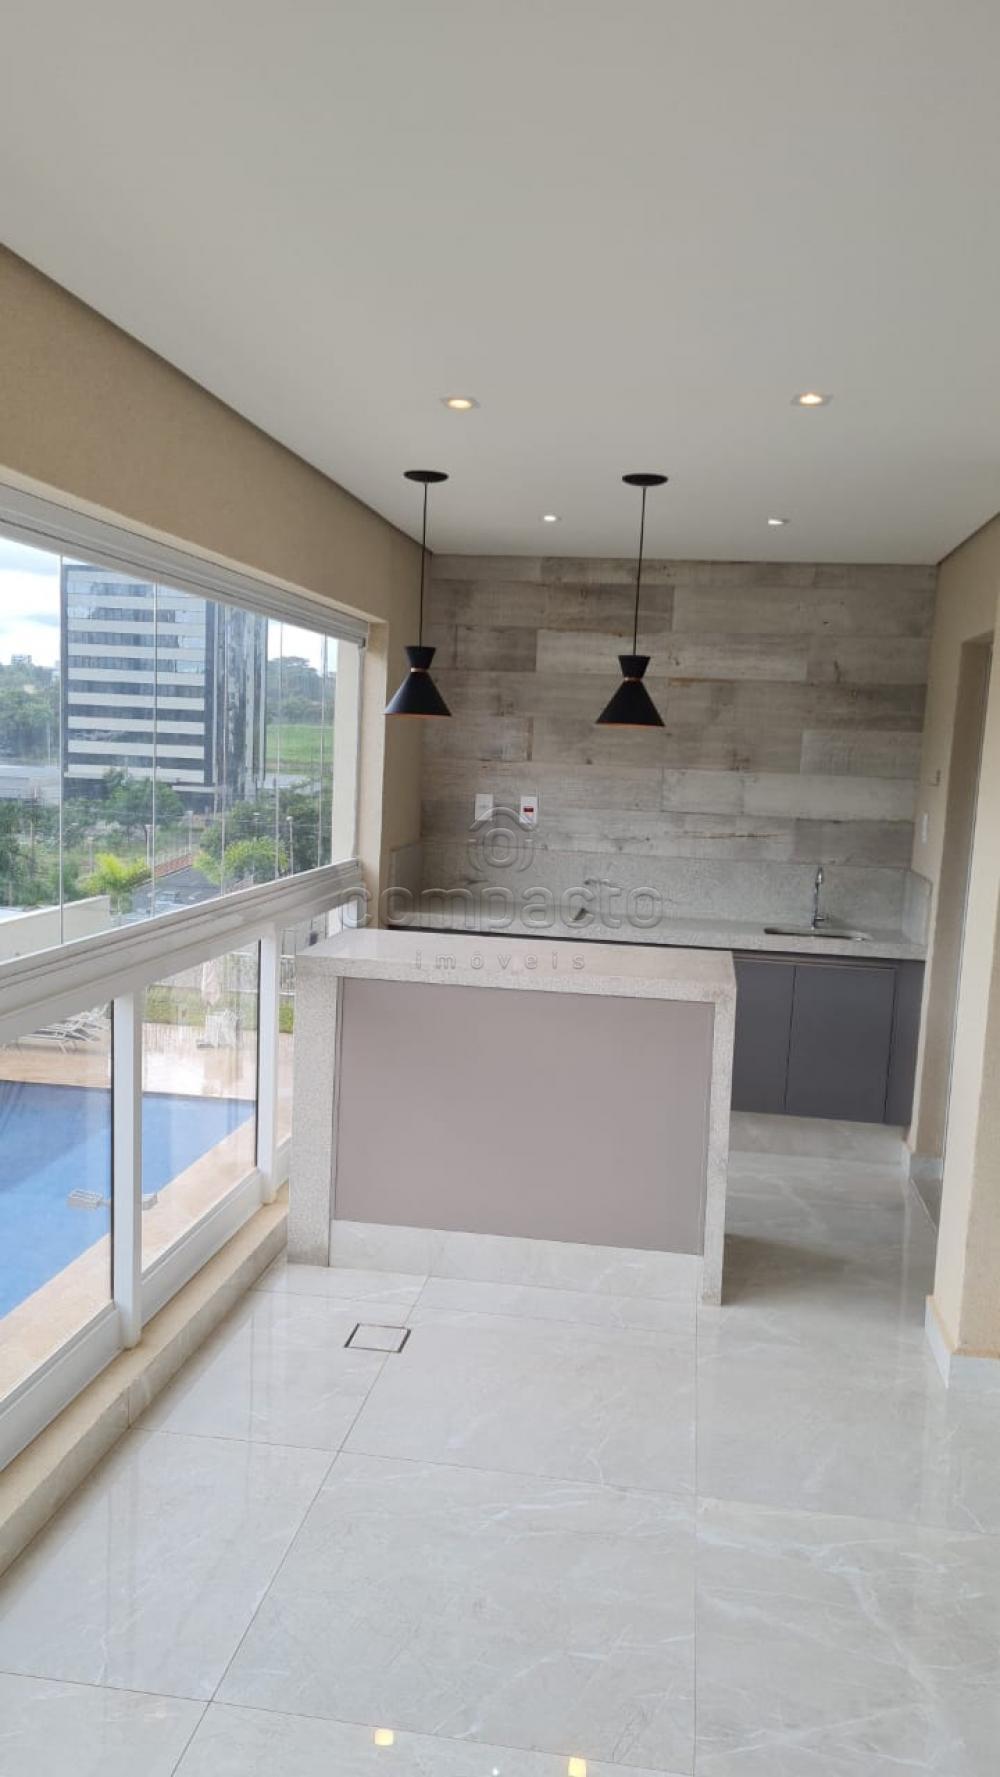 Alugar Apartamento / Padrão em São José do Rio Preto apenas R$ 3.600,00 - Foto 10